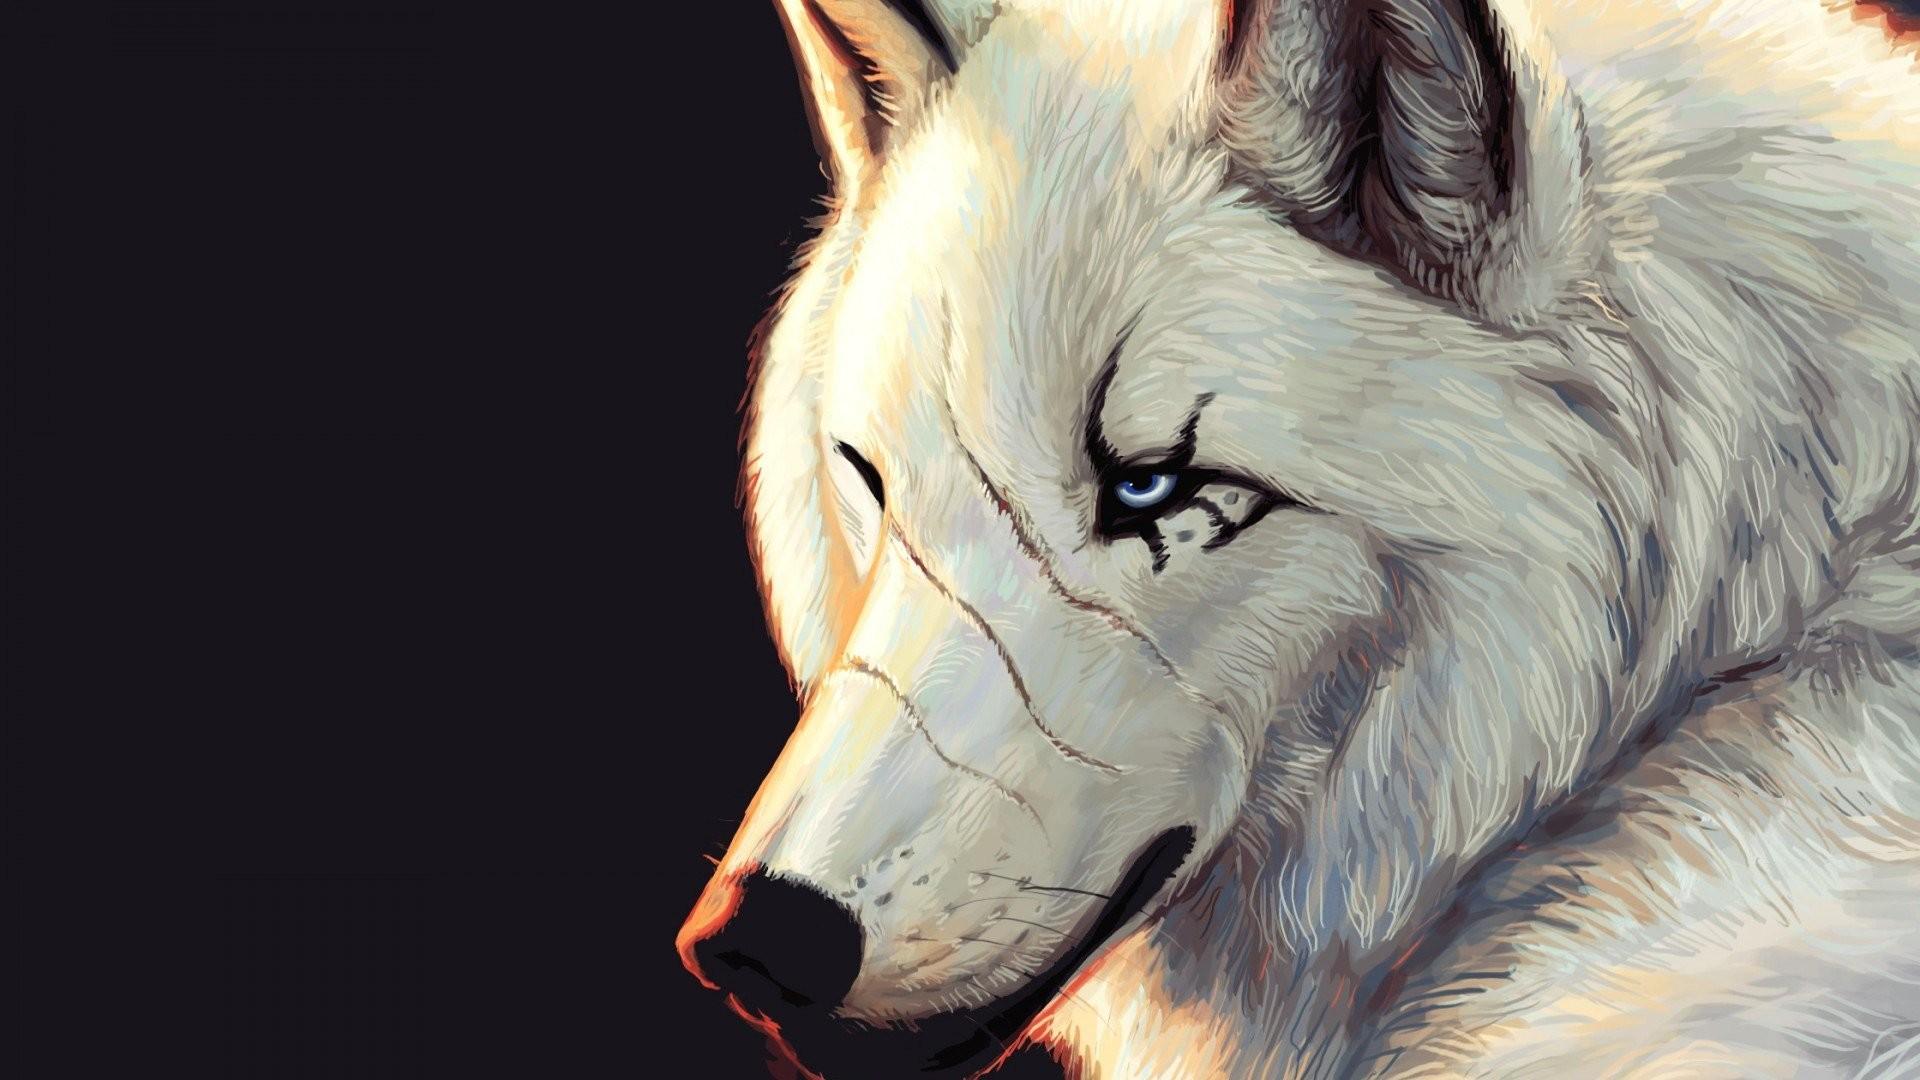 Wolf Wallpaper Hd Wallpaper